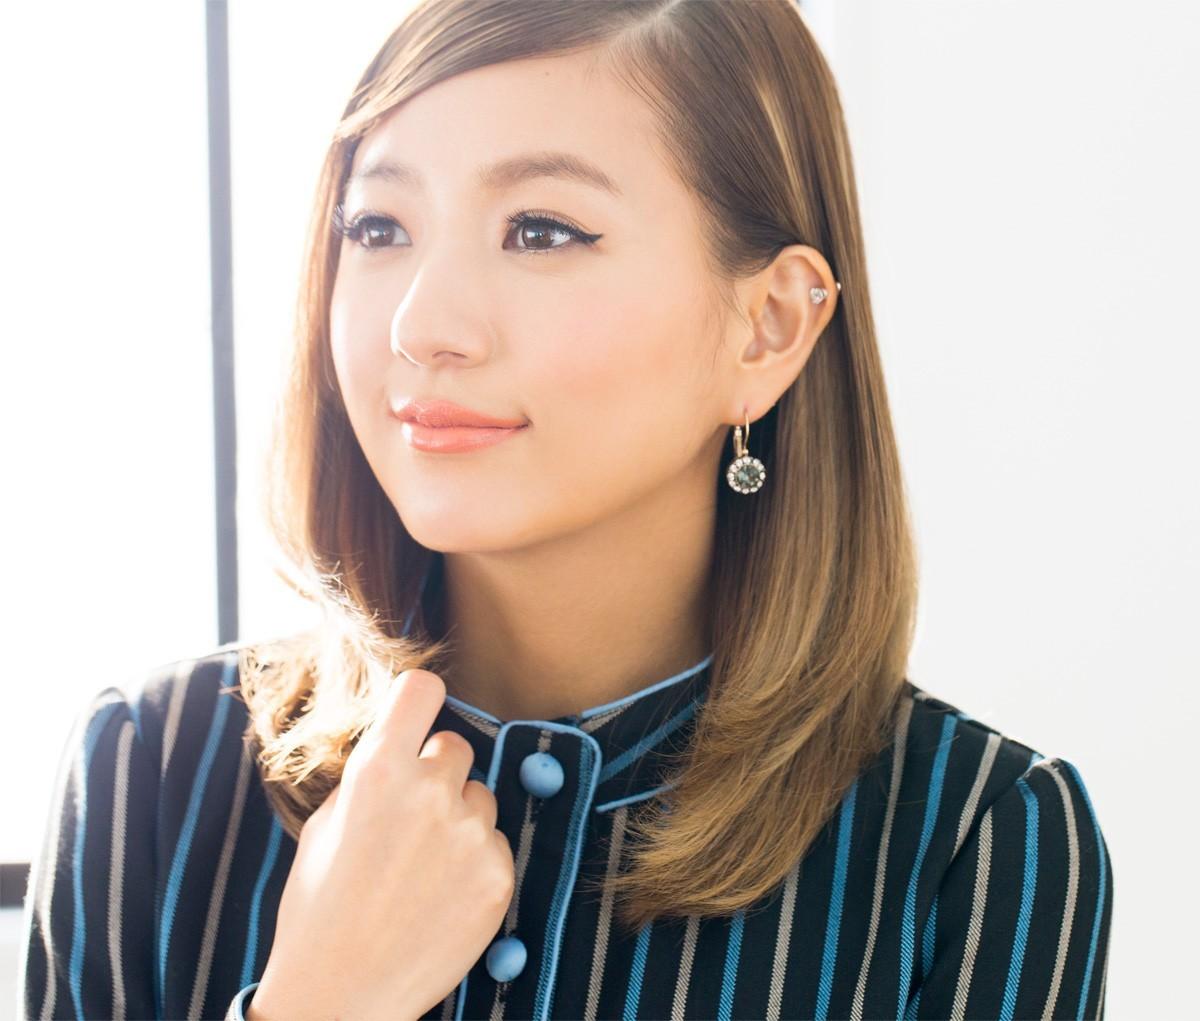 【伊藤千晃のBijyo Diary】 大人気連載中! Chiakiの素顔に迫る!